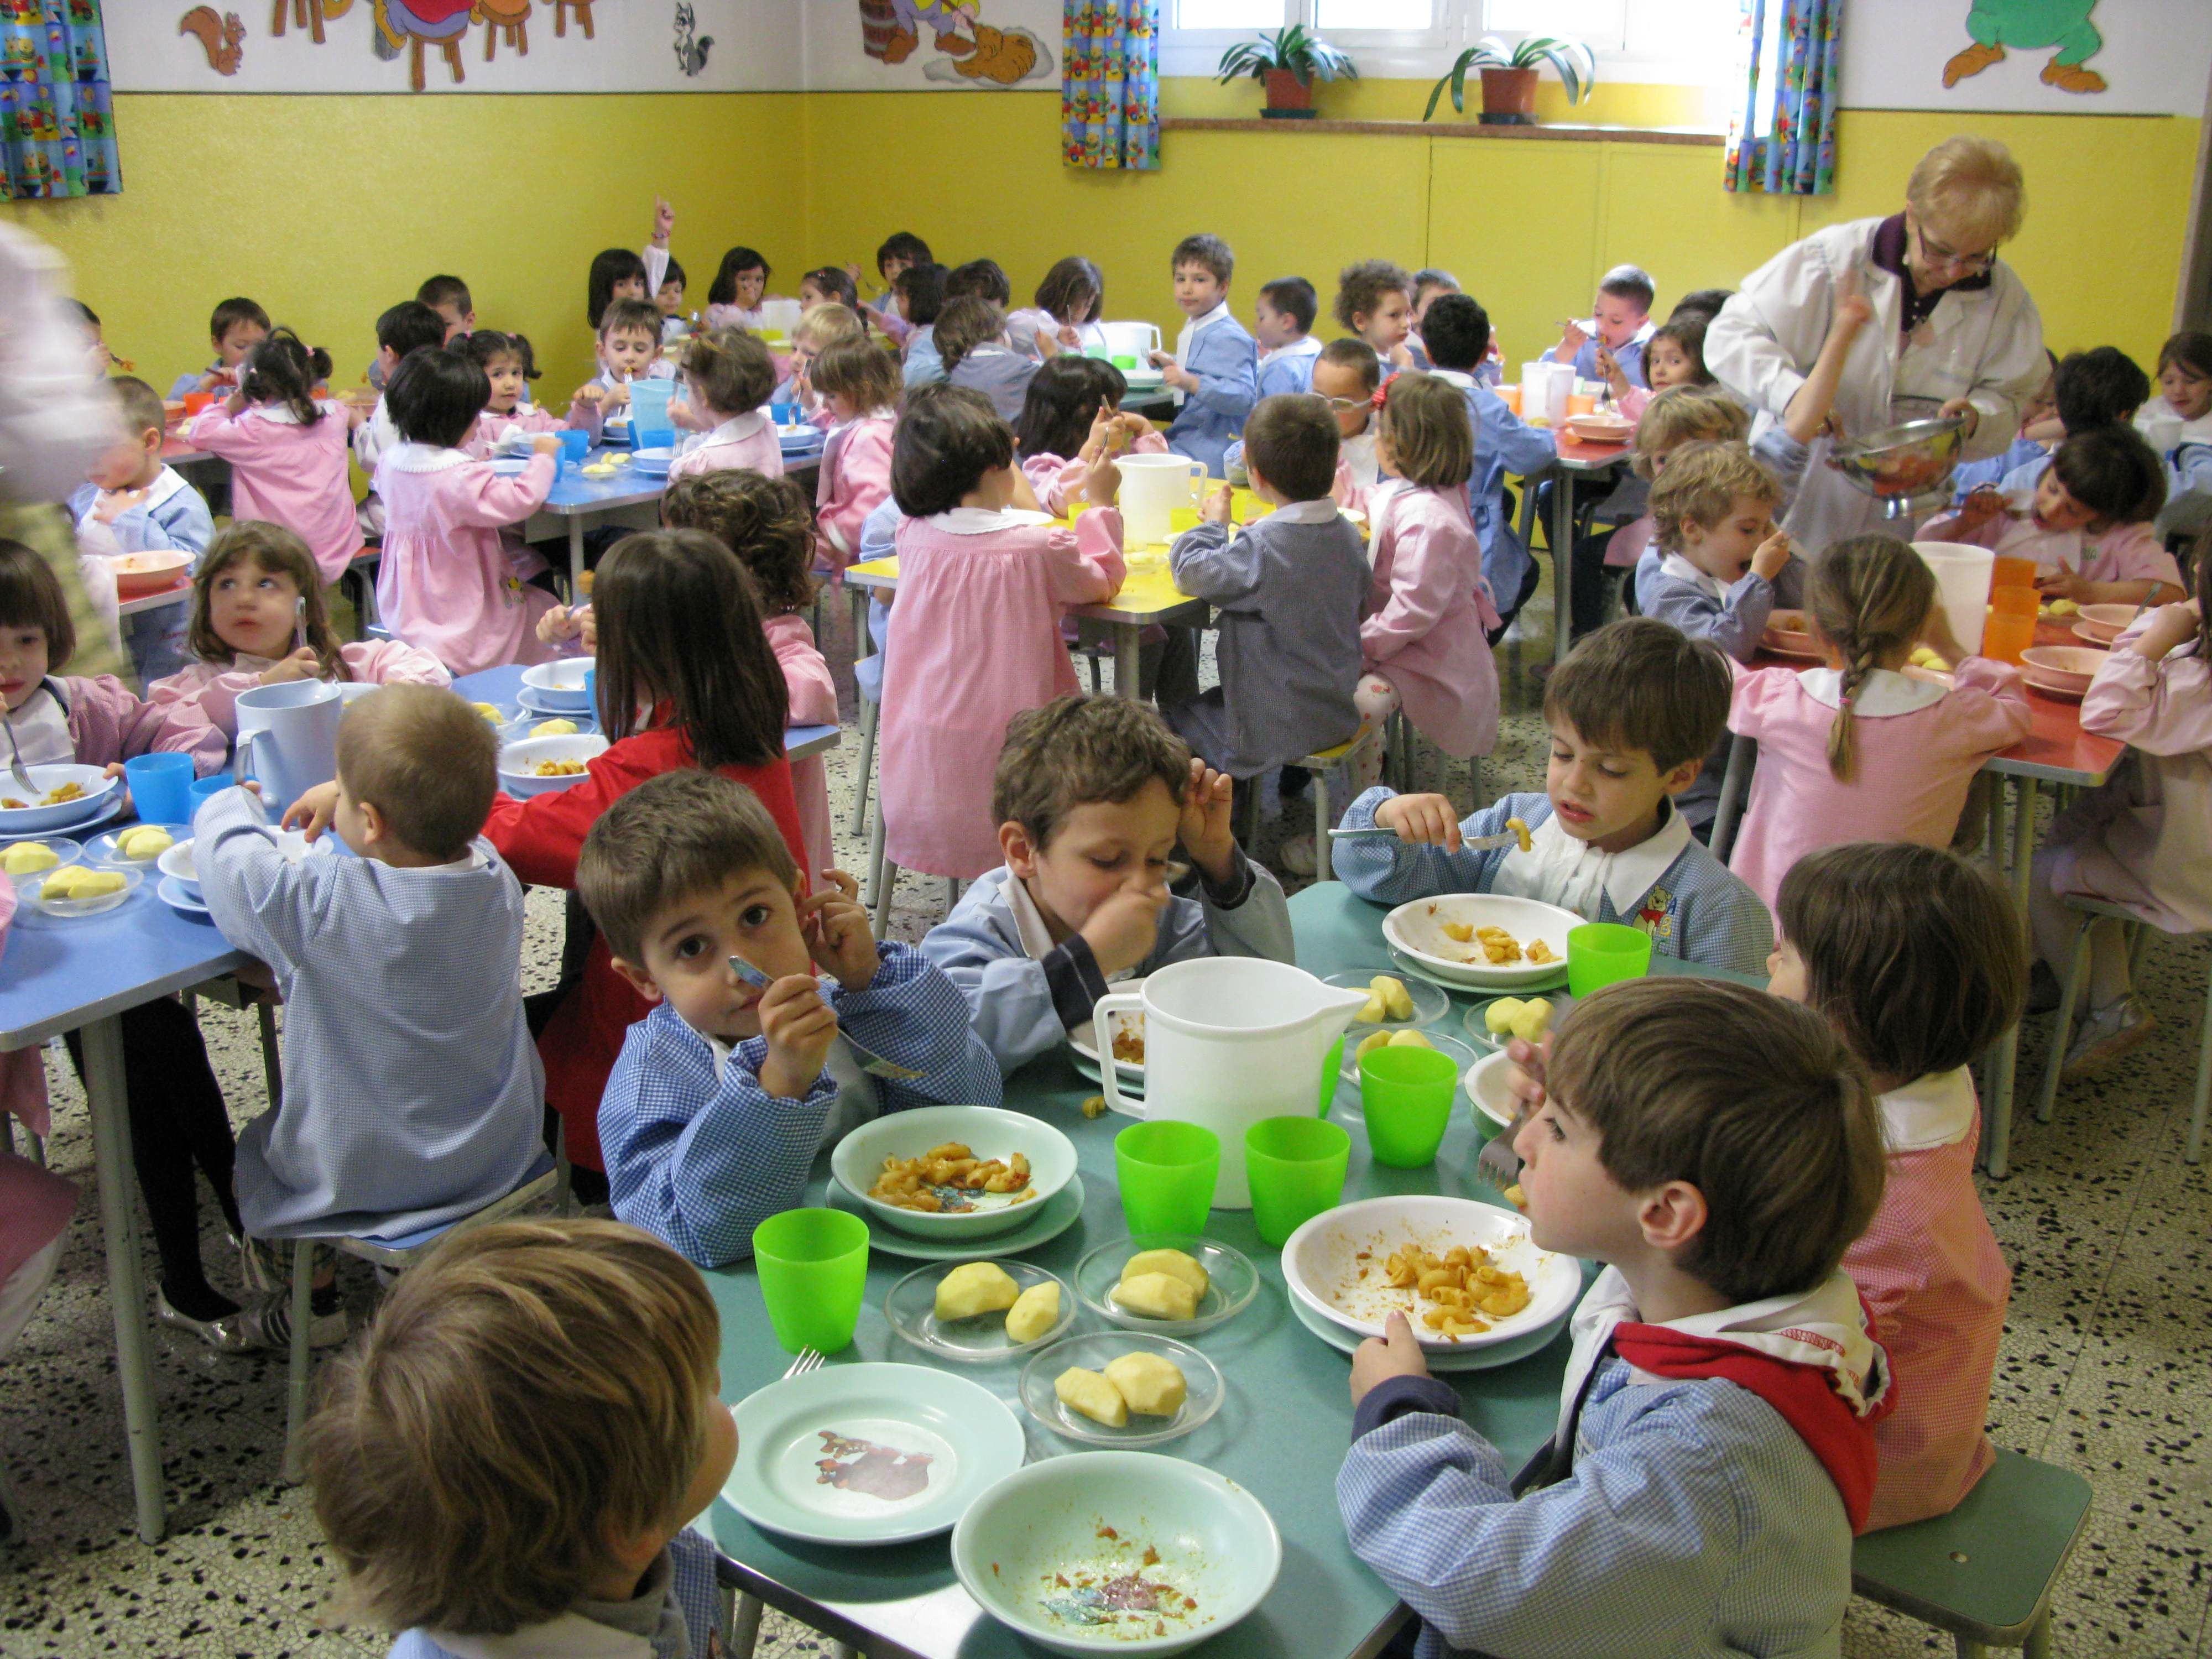 Scuola, pasto 'alternativo' per bimbi che non pagano rate mensa